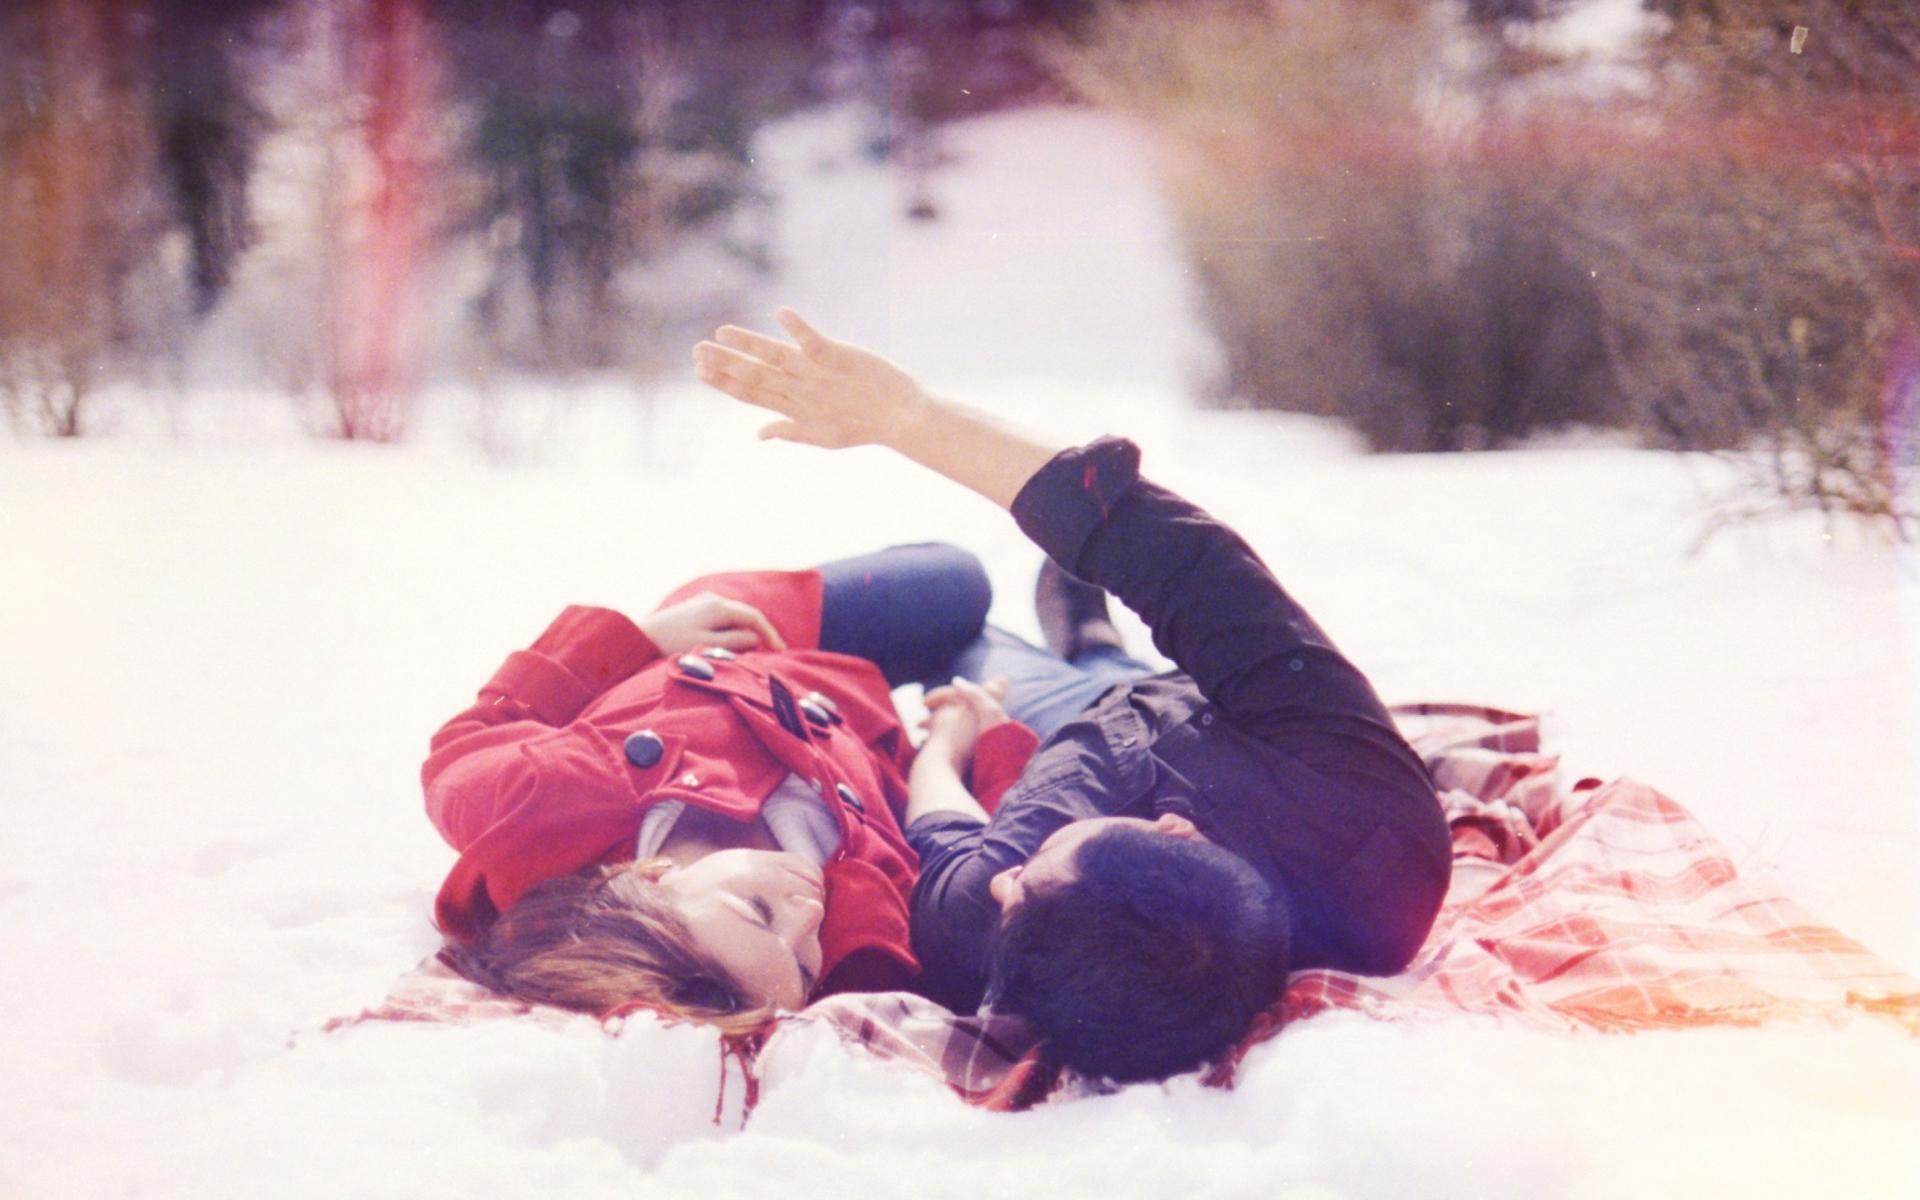 papka-foto-sneg-i-morozy-lyubvi-ne-pomekha-15-idejj-dlya-zimnikh-svidanijj-romantika